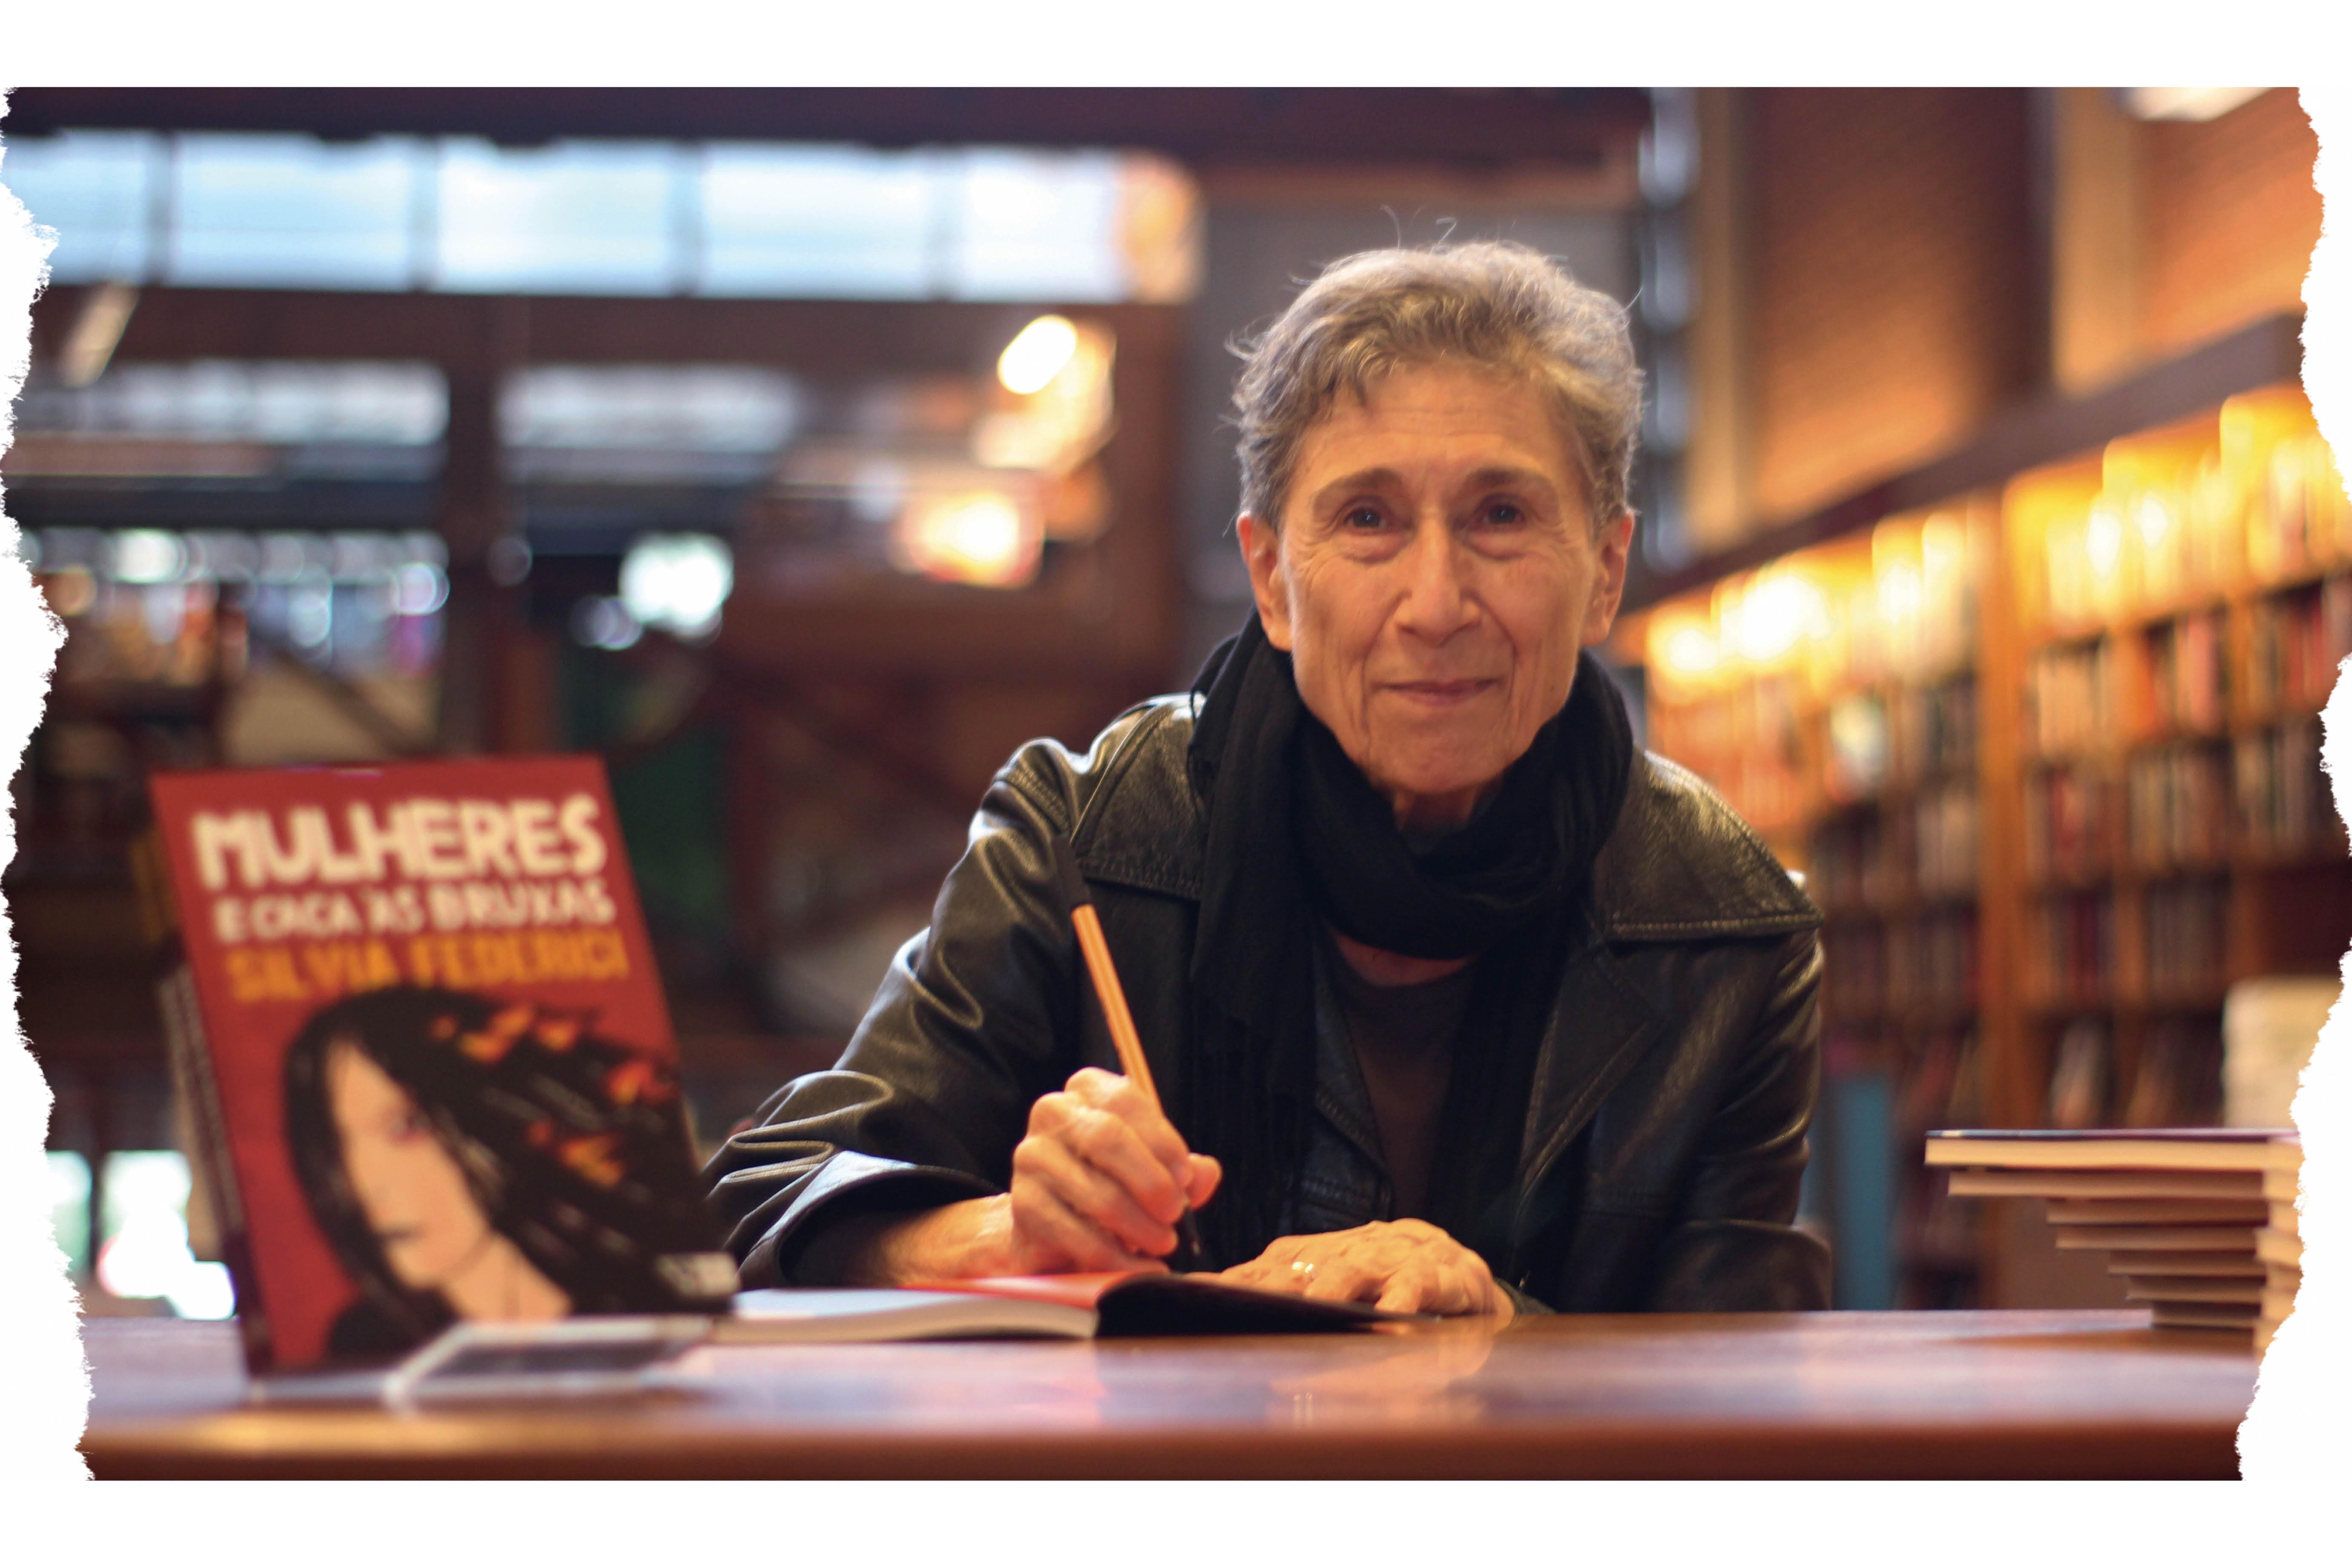 Silvia é uma mulher de cabelos curtos e grisalhos. Ela está sorrindo para a foto num cenário de livraria, enquanto autografa livros